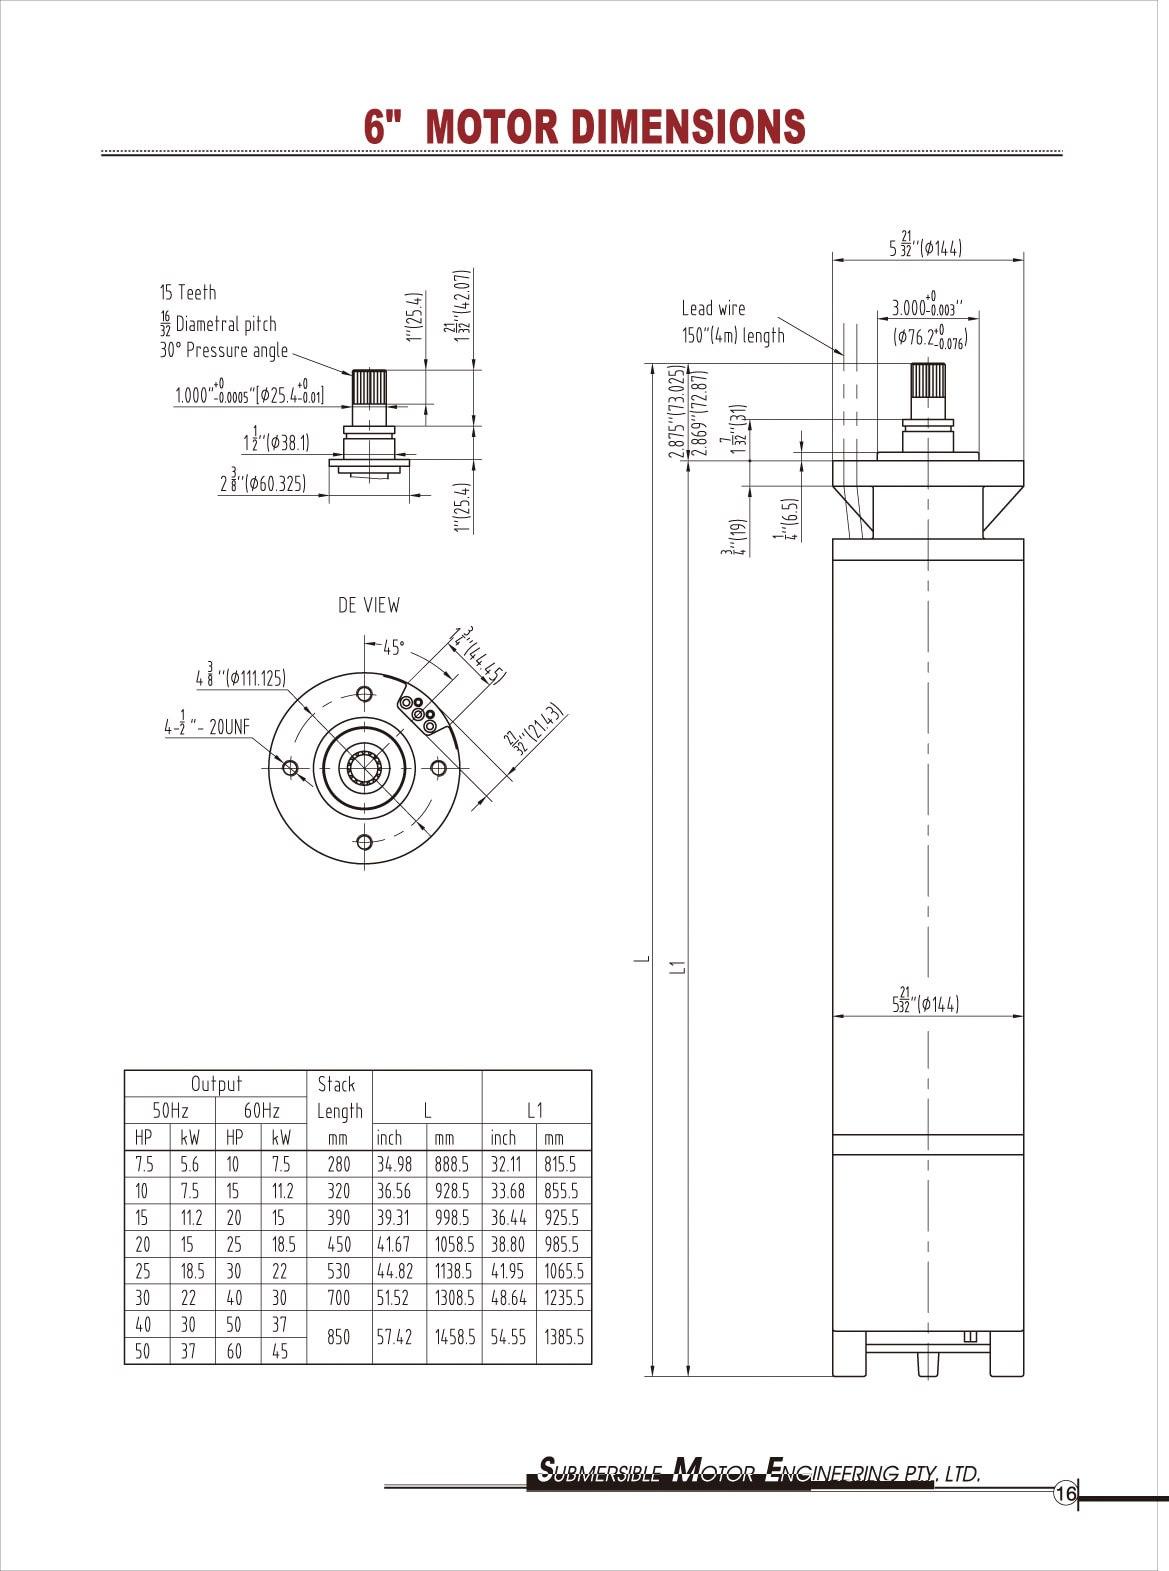 Outline Drawings - Submersible Motor Engineering